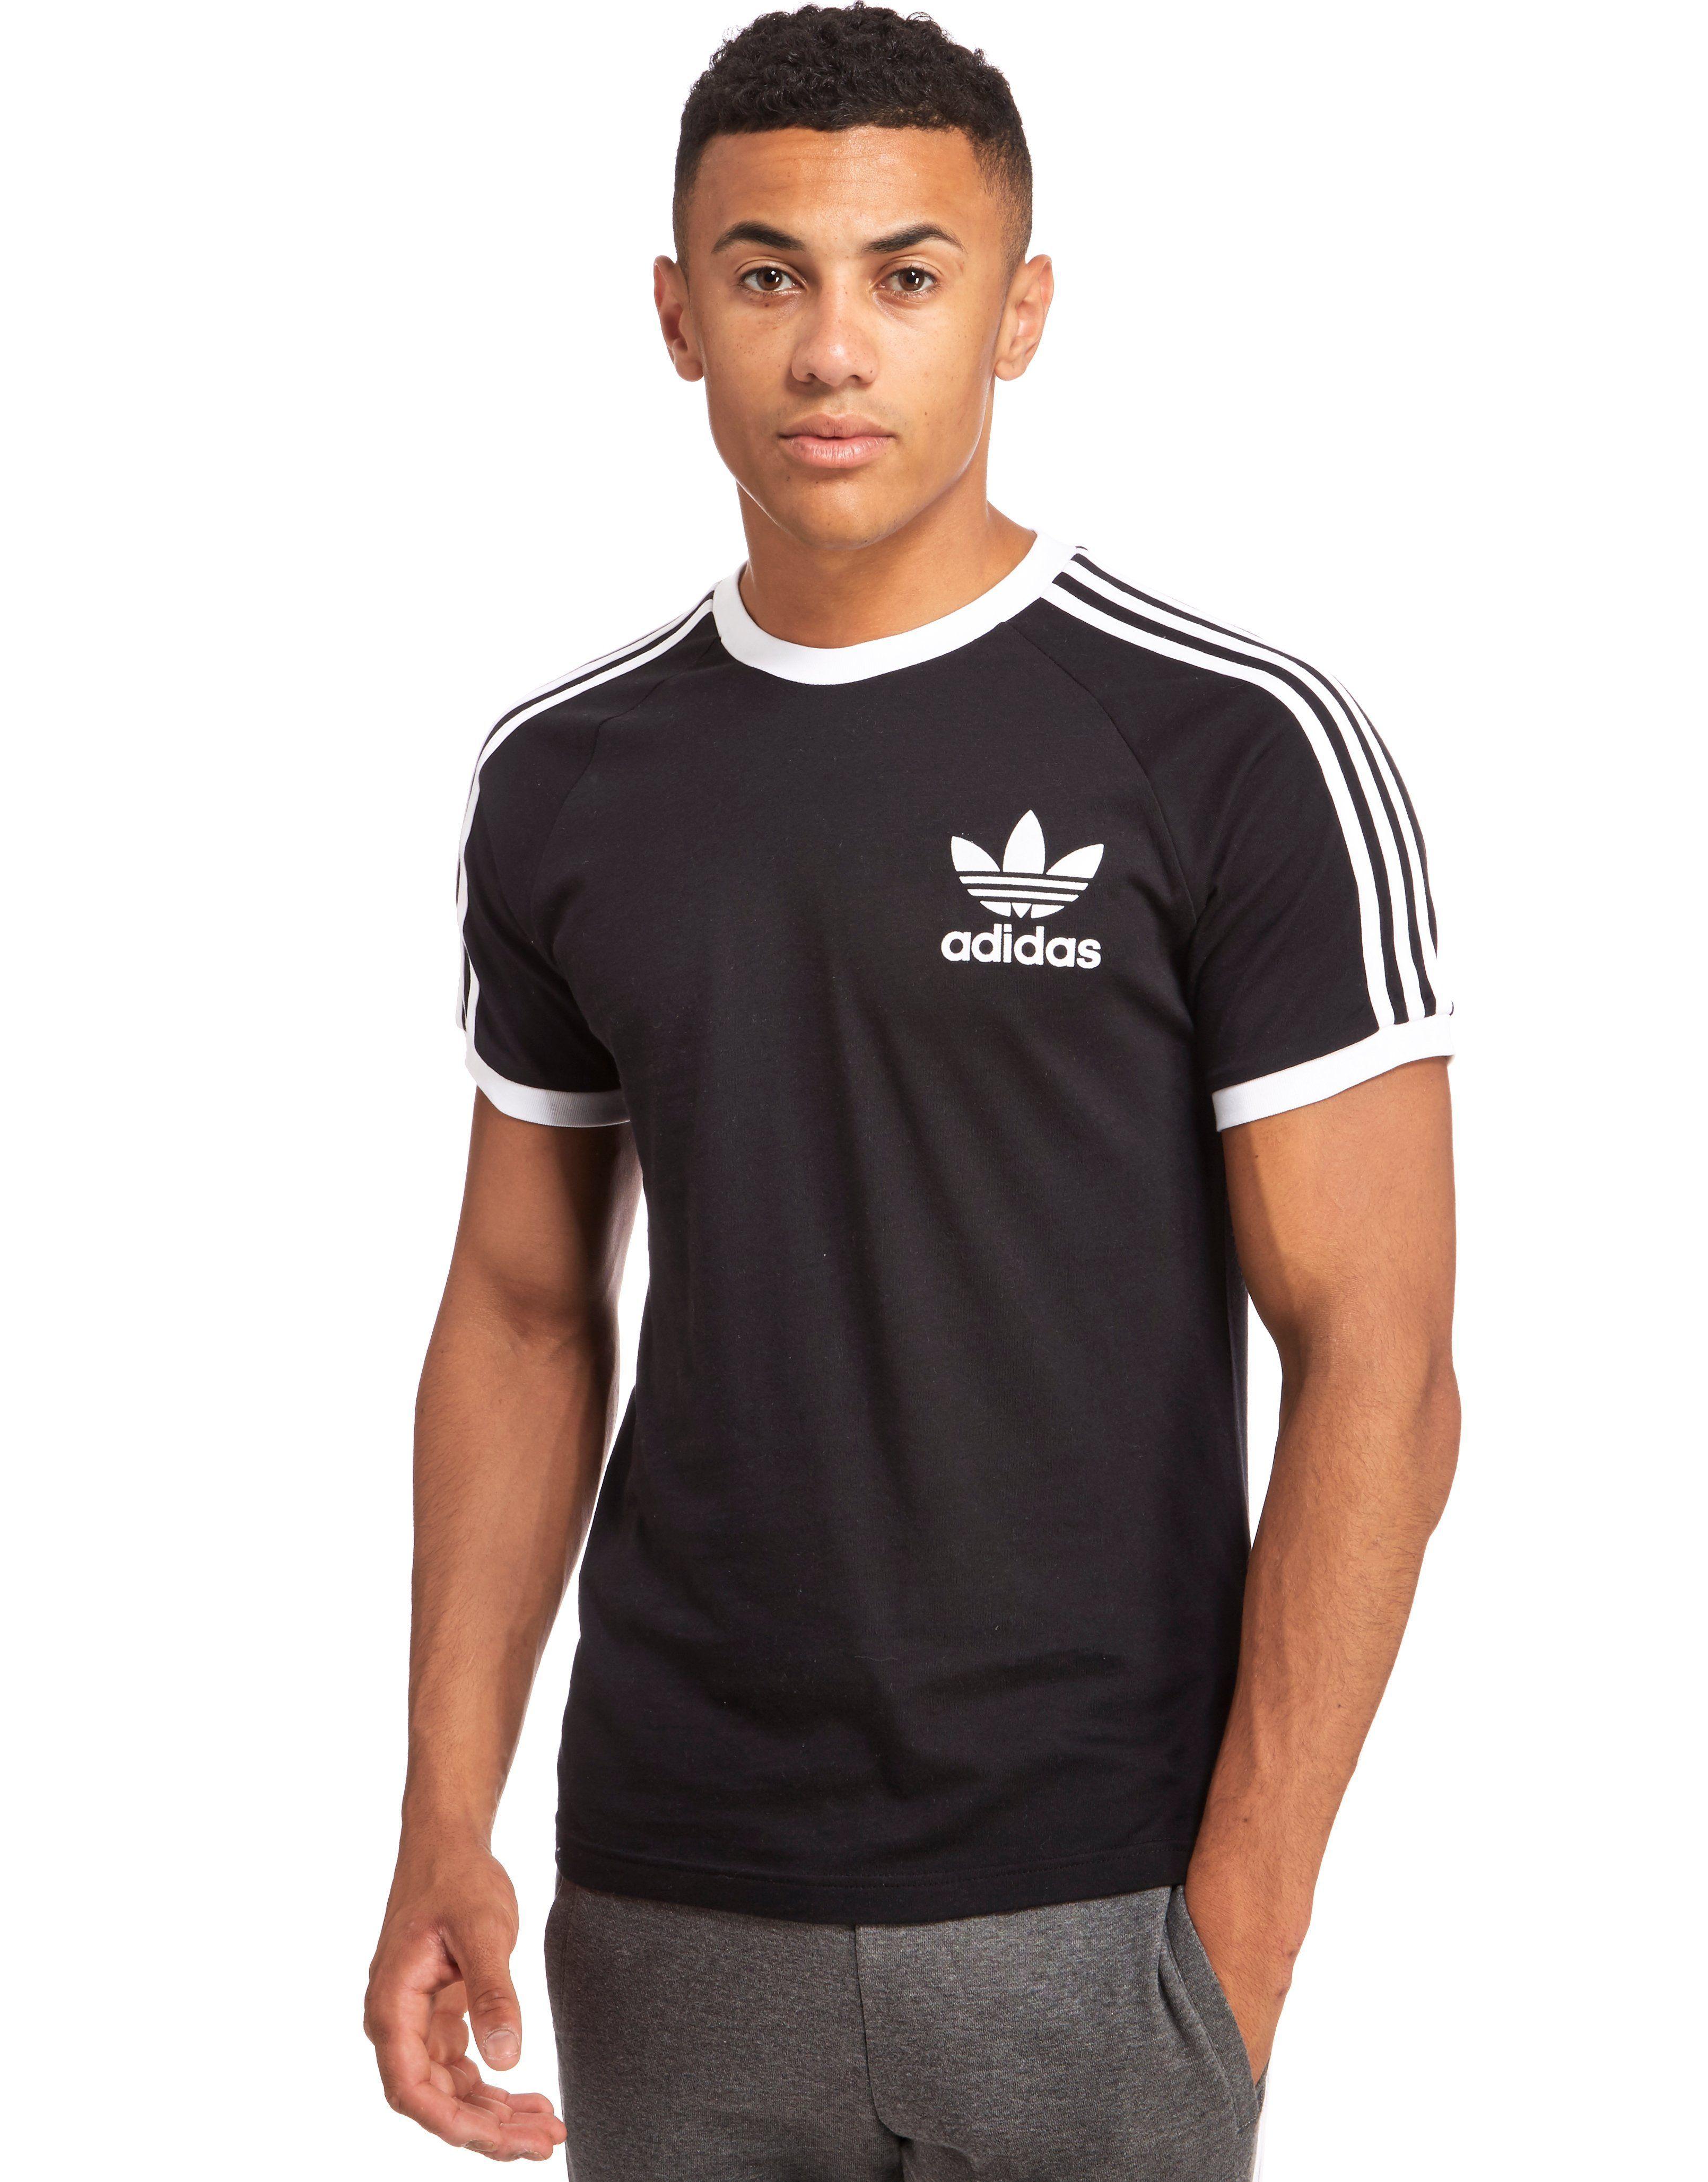 adidas Originals : Men clothes for sale | t shirt,jean,short